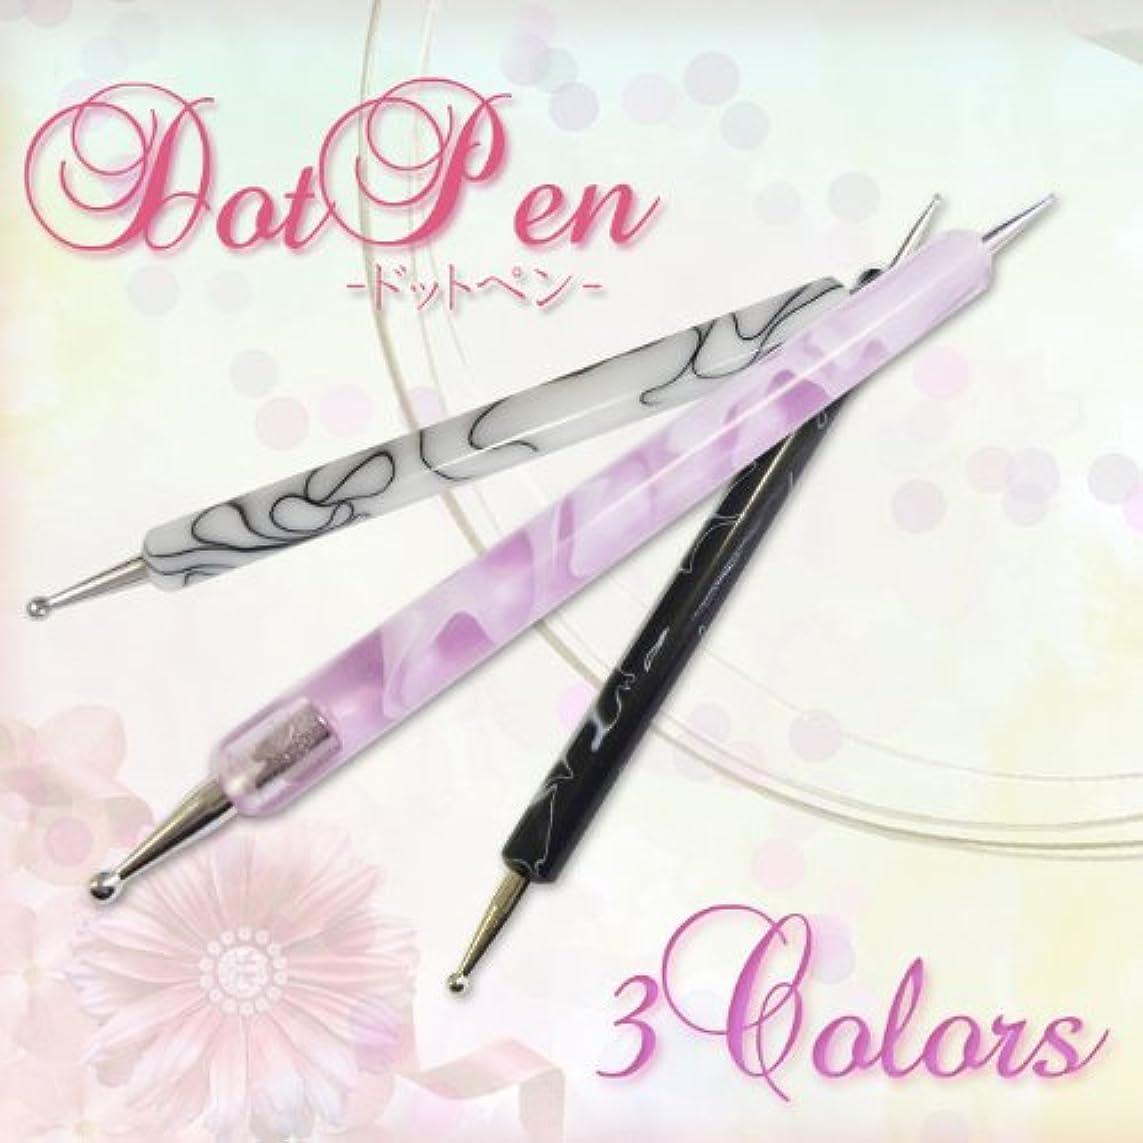 勢い不完全なキルトジェルネイル《綺麗な水玉やお花模様も?》DOT PEN ドットペン 2wayタイプ(3カラー) (パープル)